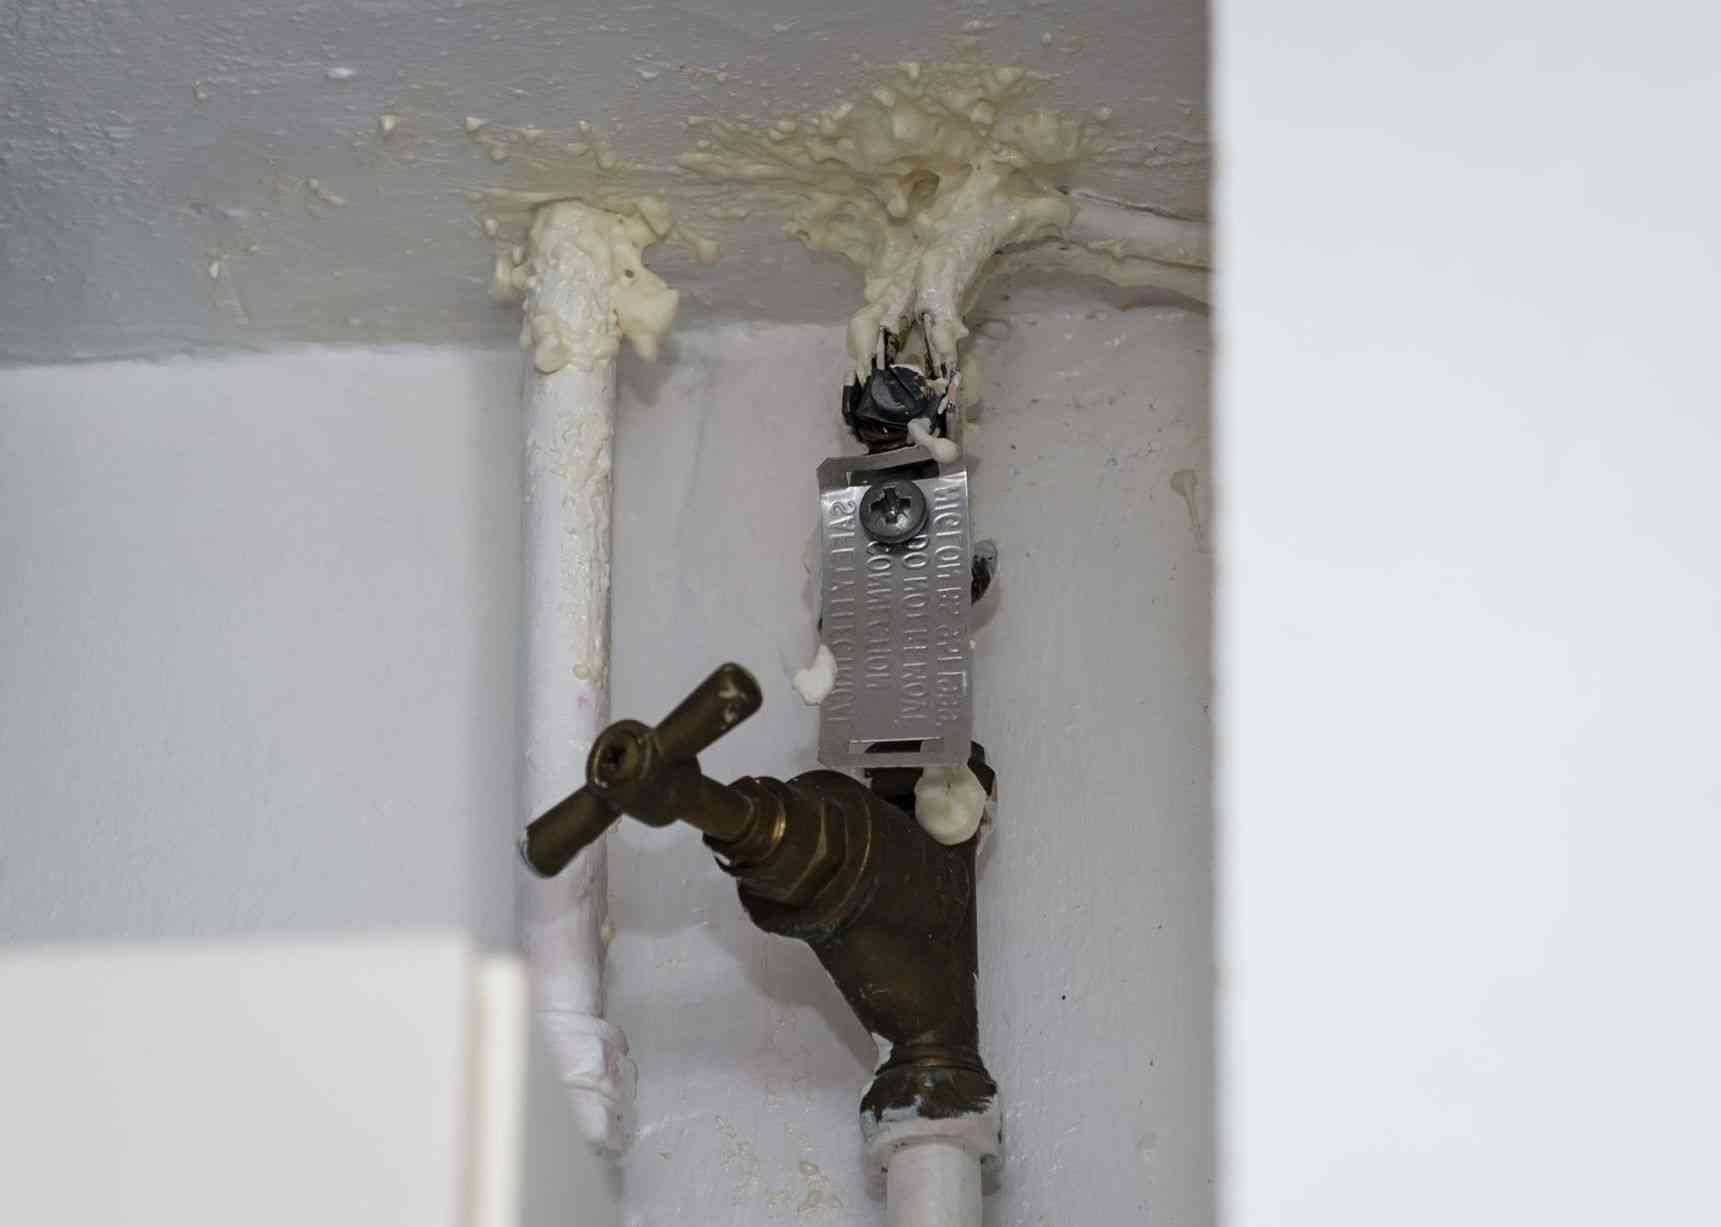 【閲覧注意】天井からウジ虫が降ってくるから上階を調べた結果…